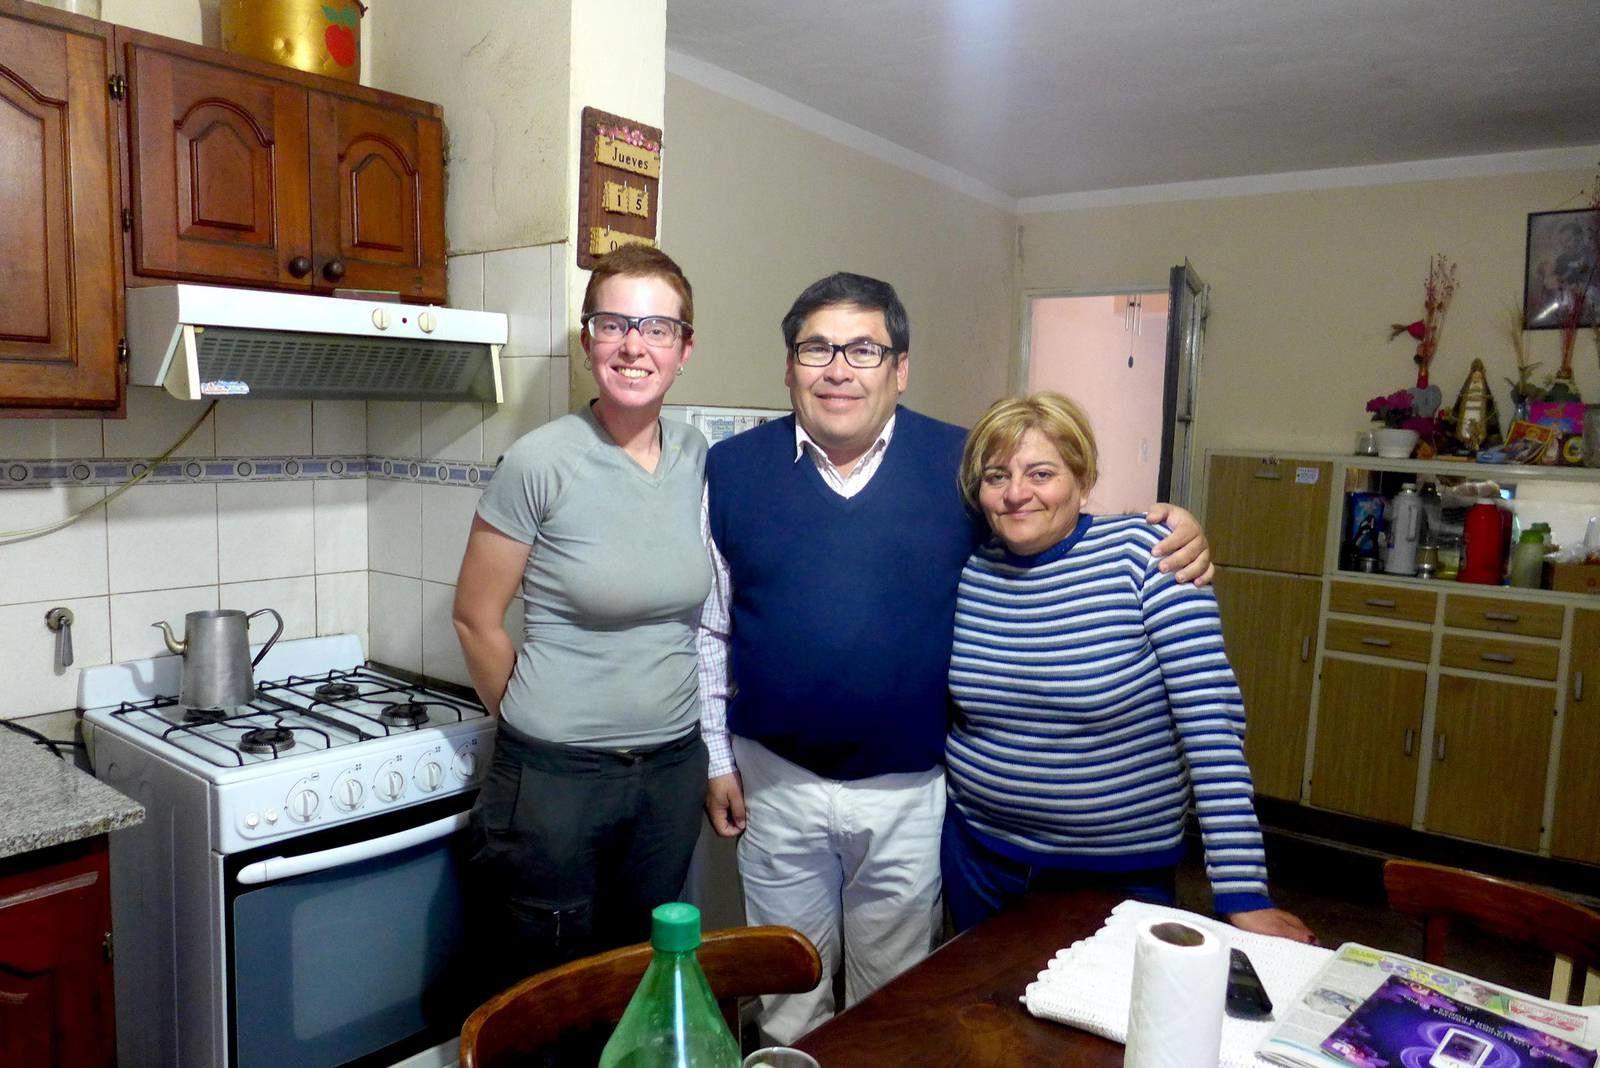 Fabian et Marie à ce moment nous ne savions pas qu'ils seront nos derniers hébergeurs à l'improviste de notre voyage. Tout les quatre nous passeront une superbe soirée en écoutant Fabian professeur de géographie nous faisant mieux connaître son pays.